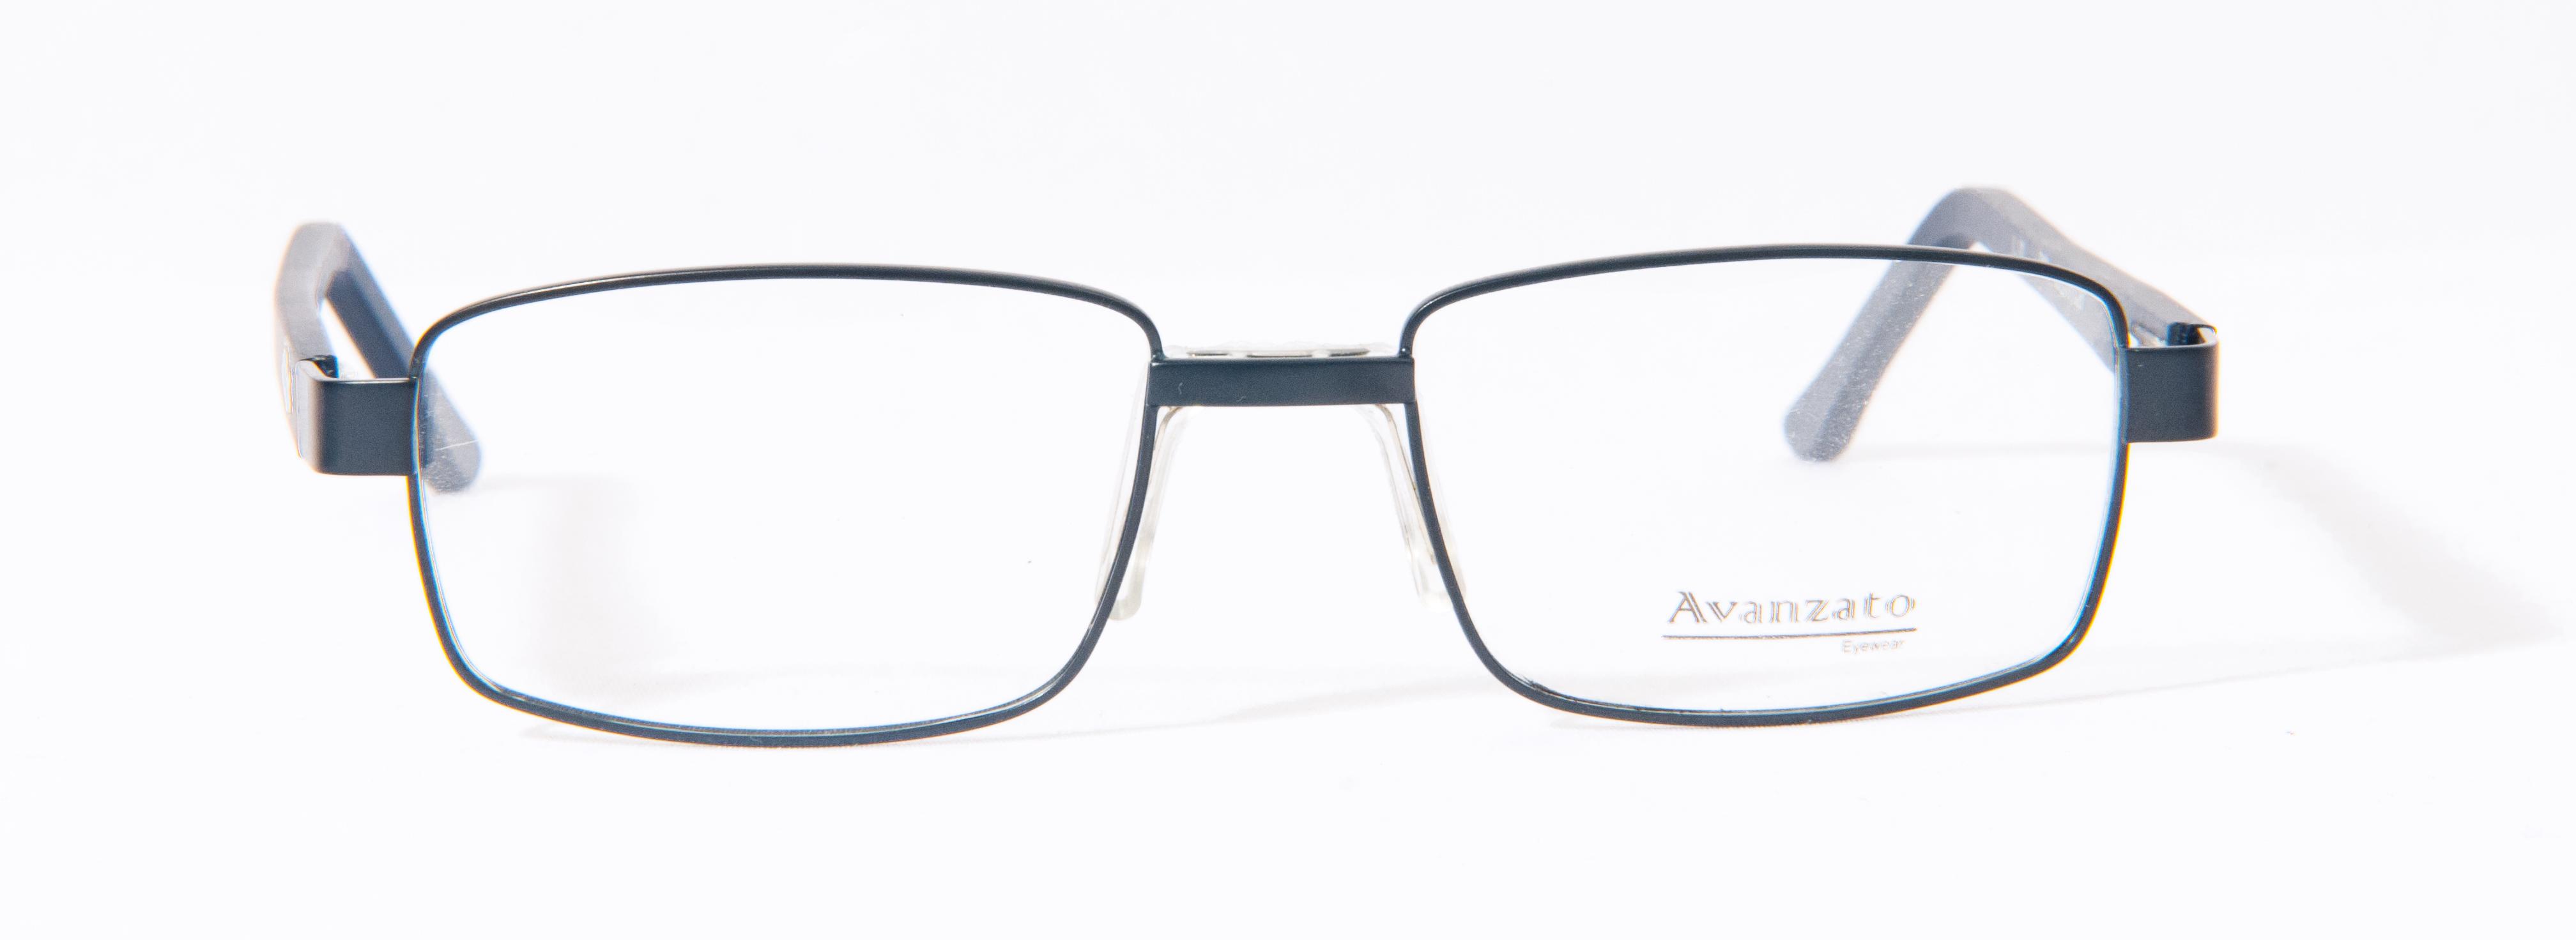 Tecvision Industria Optica   Óculos de Metal - Ponte Anatômica mod ... ea54e2e578